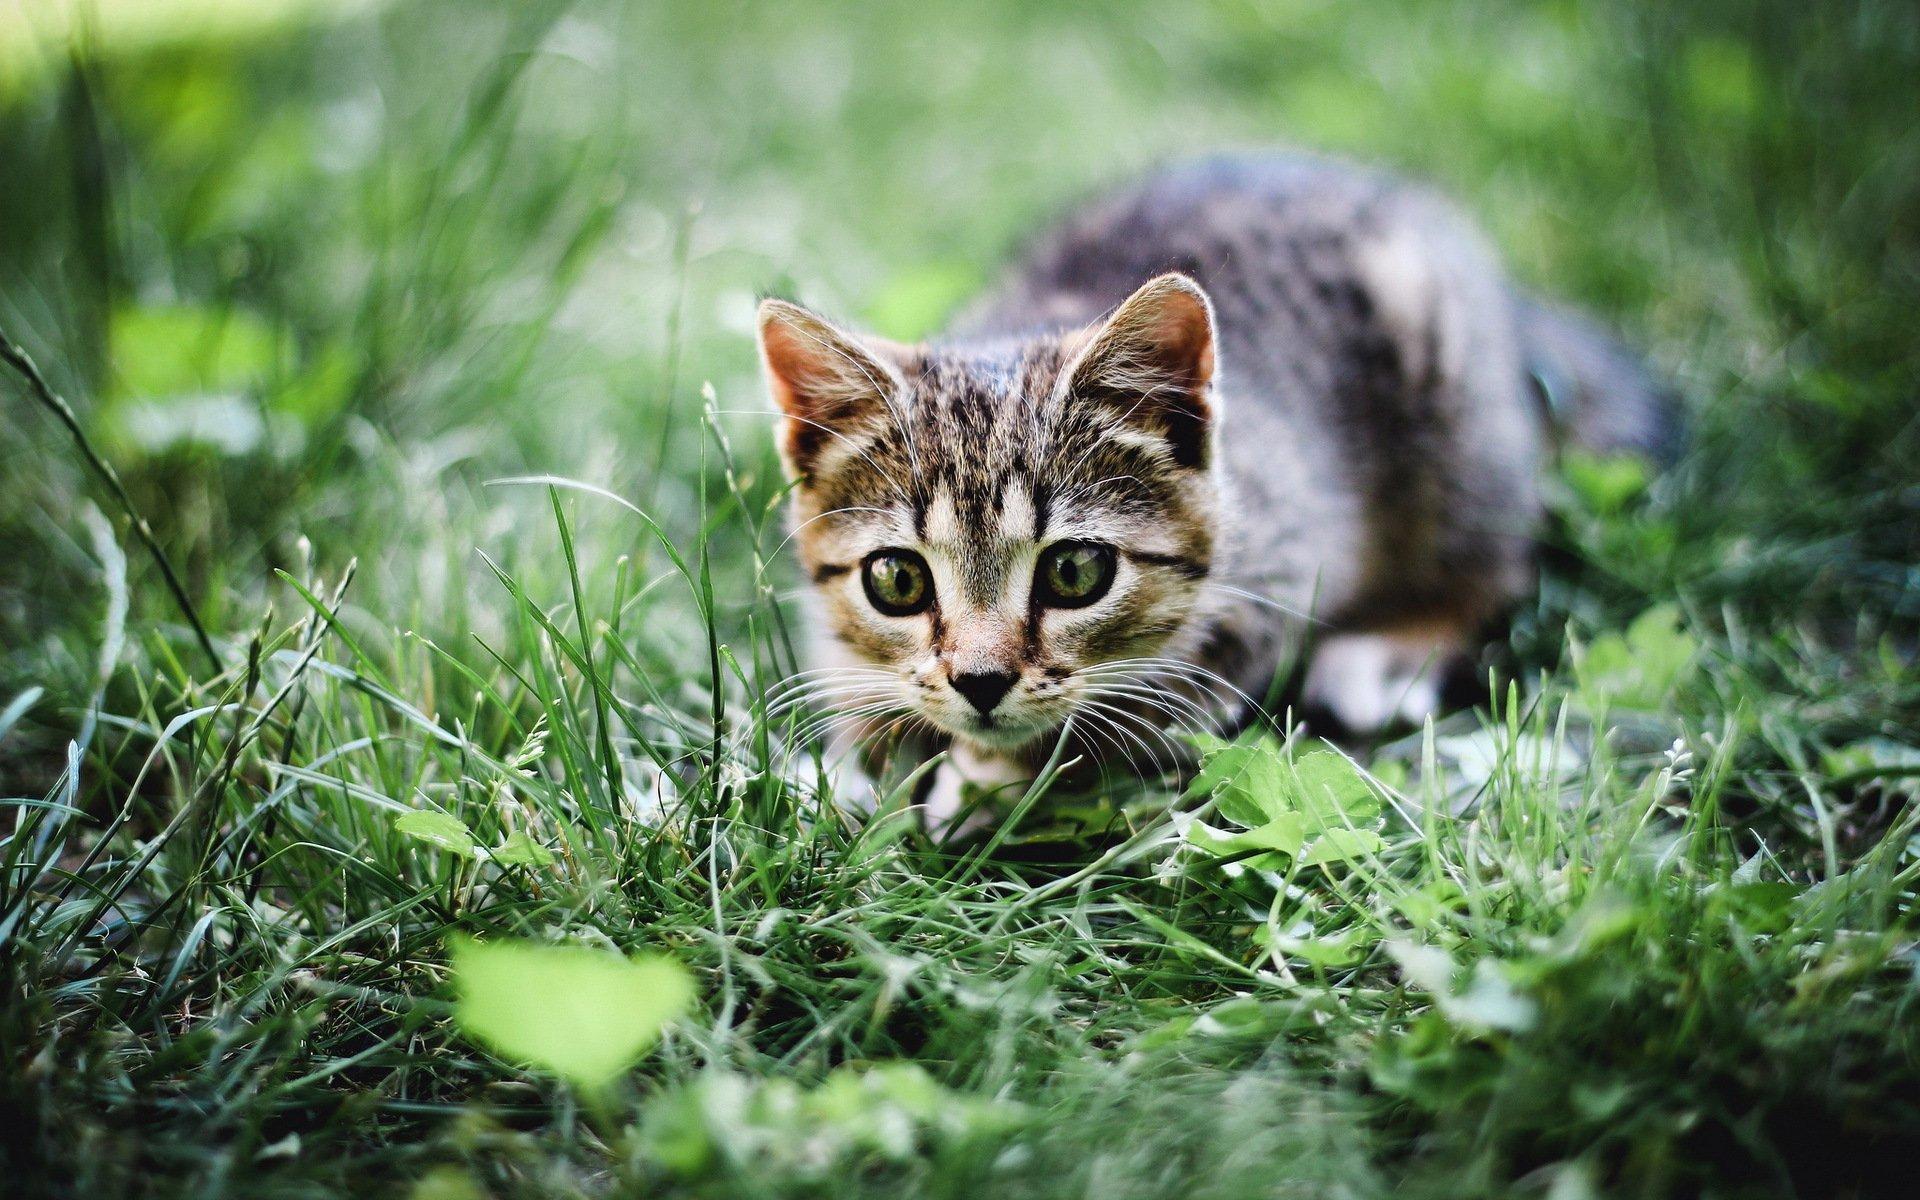 котенок прыжок трава цветы загрузить